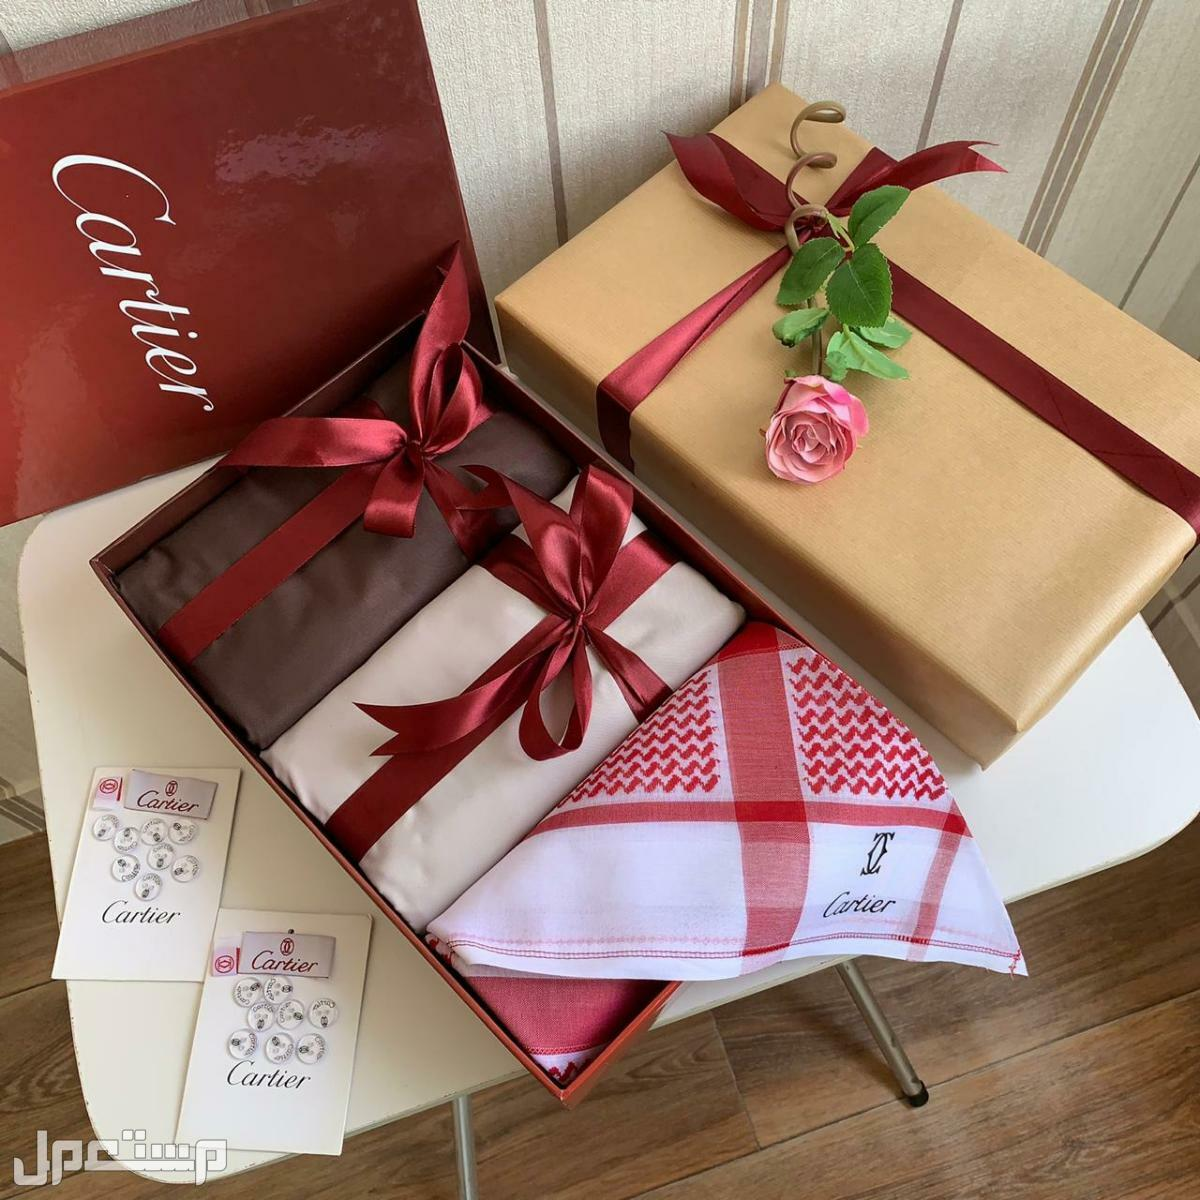 بوكس هدايا رجالي ماركة كاريتر # ارقى الخامات باحدث الهدايا